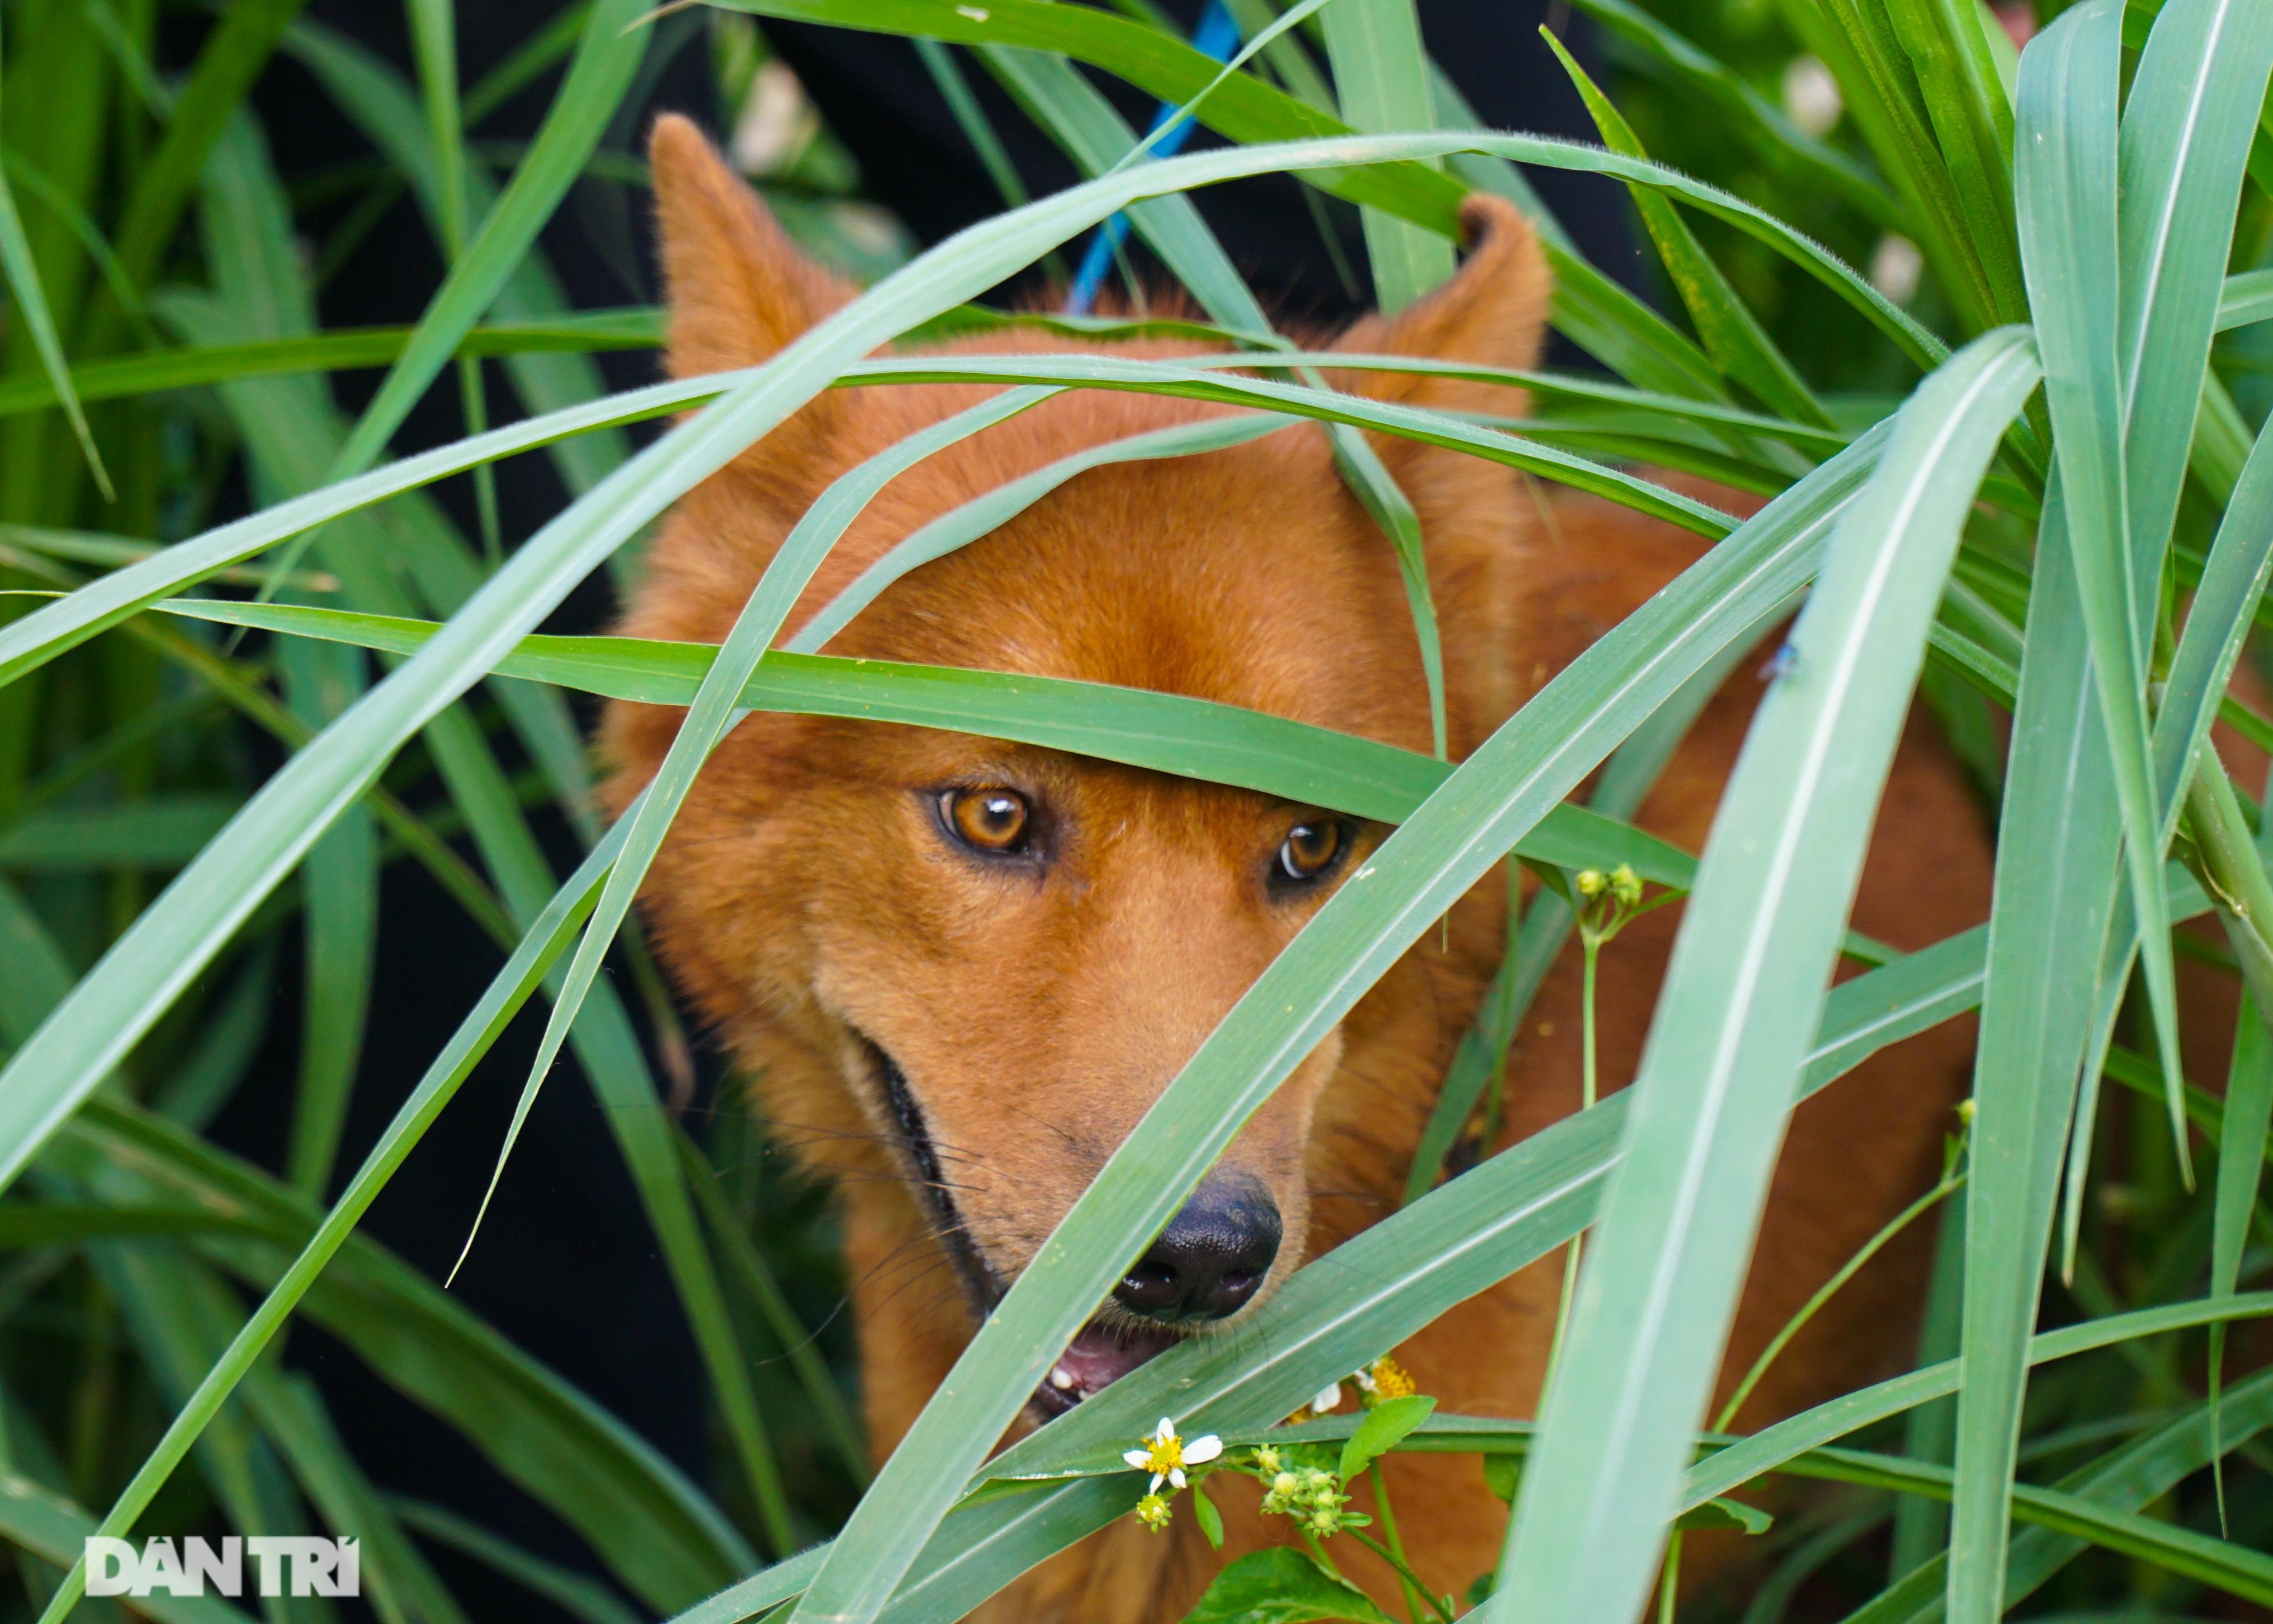 Hồi sinh giống chó săn cổ quý hiếm lừng danh đất Việt - 6